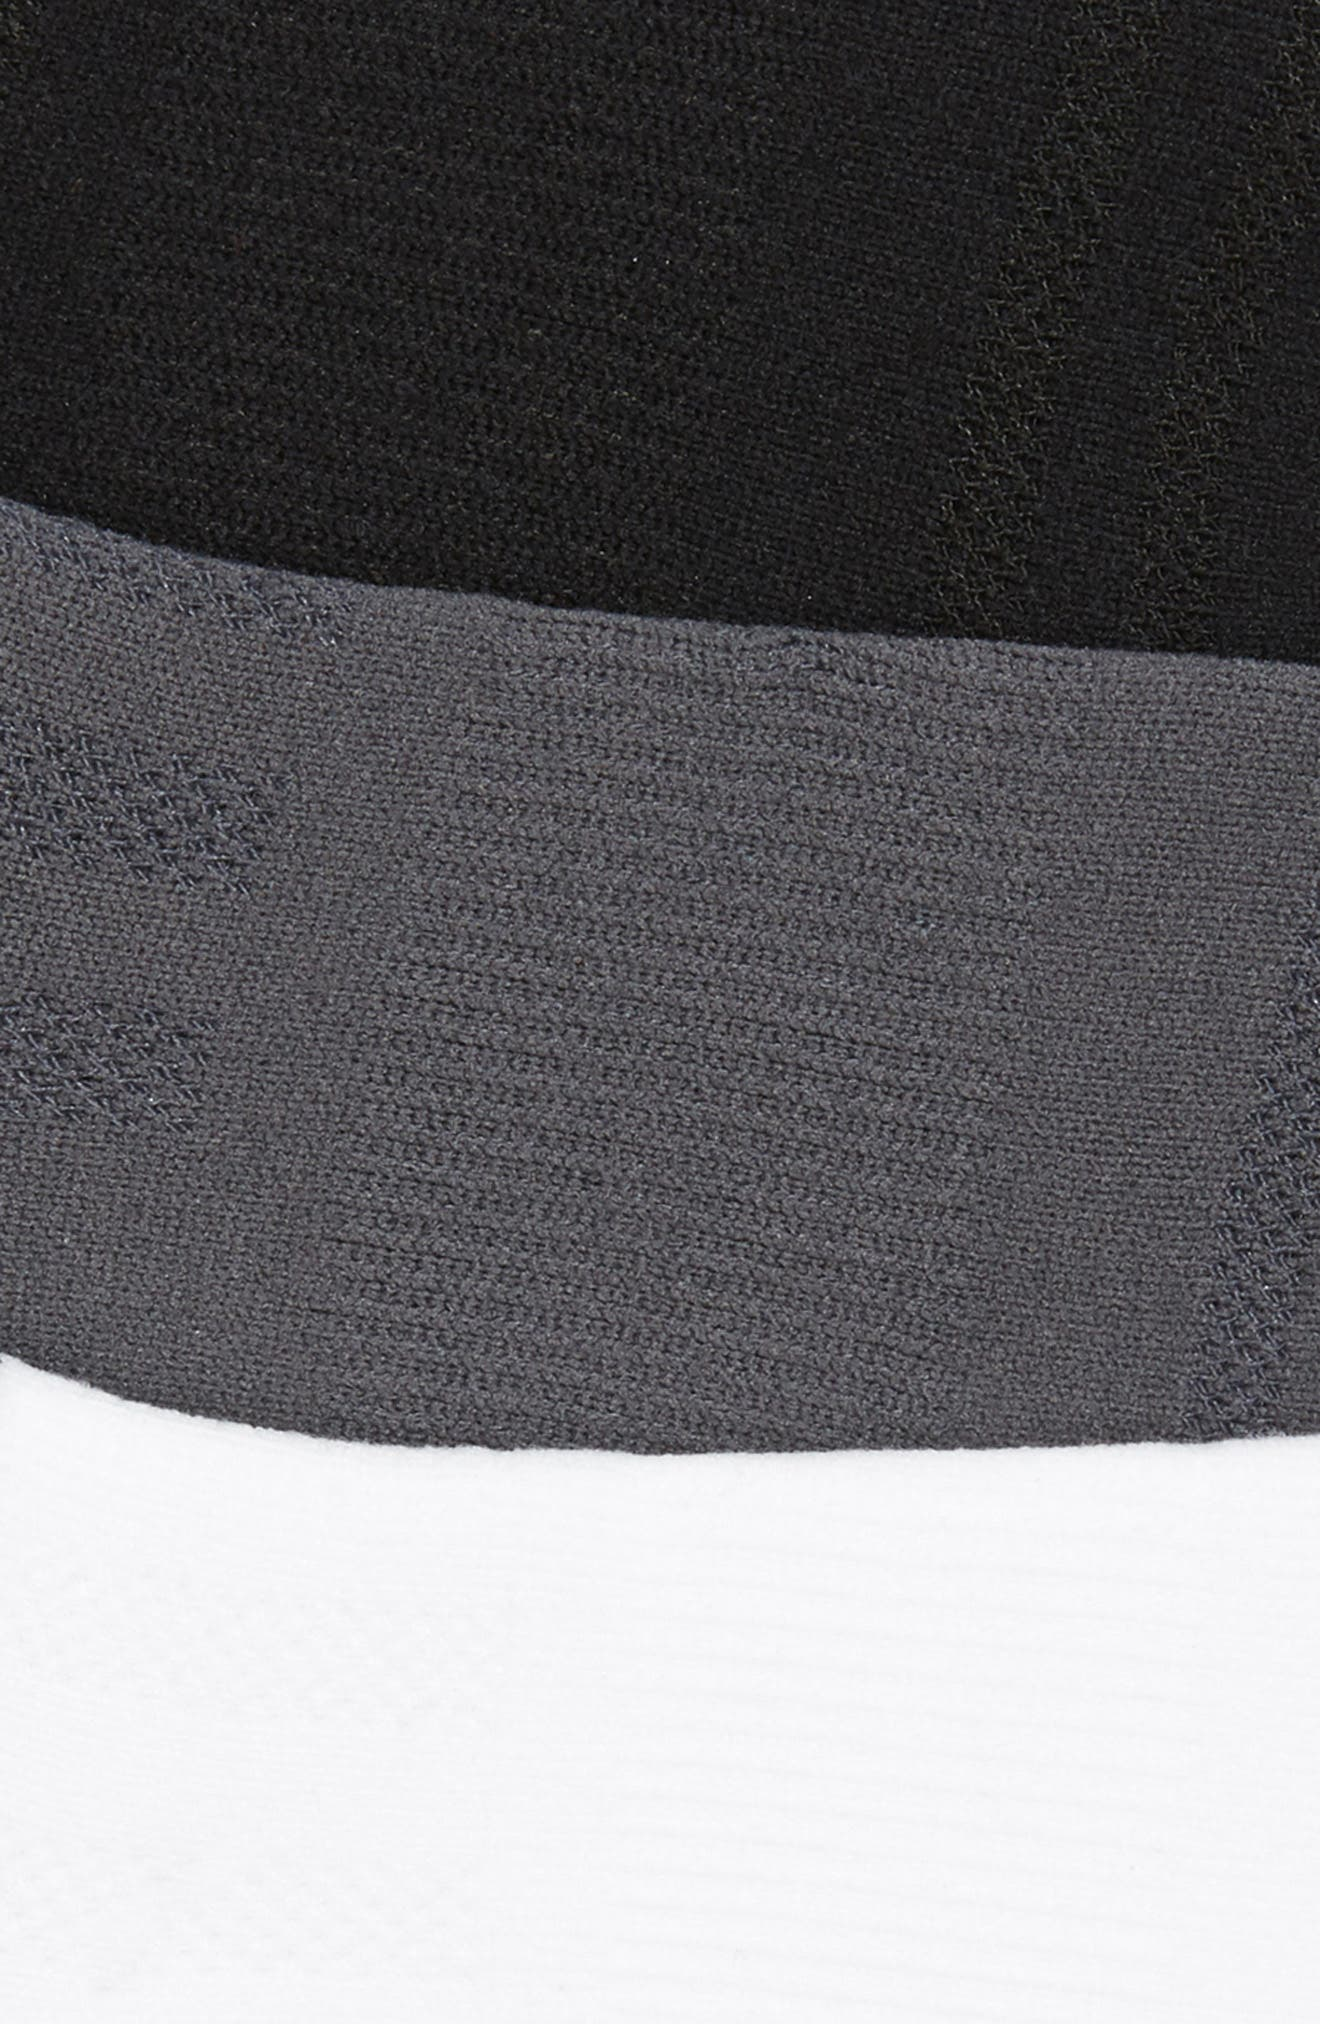 3-Pack Low Cut Socks,                             Alternate thumbnail 2, color,                             002